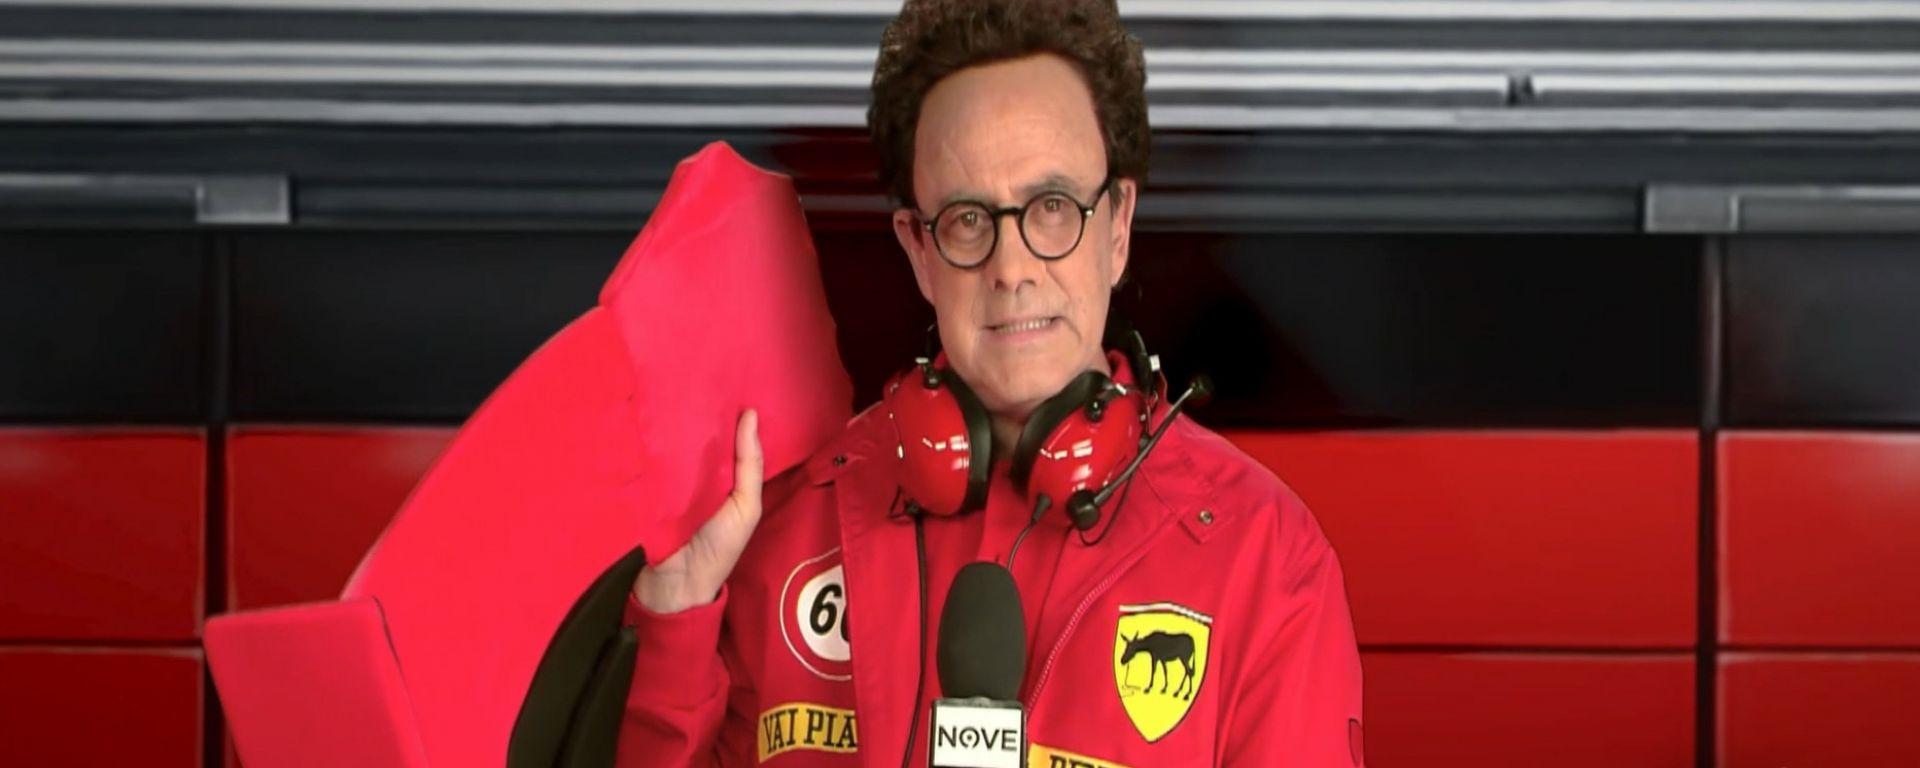 Maurizio Crozza è Mattia Binotto, il team principal della Scuderia Ferrari